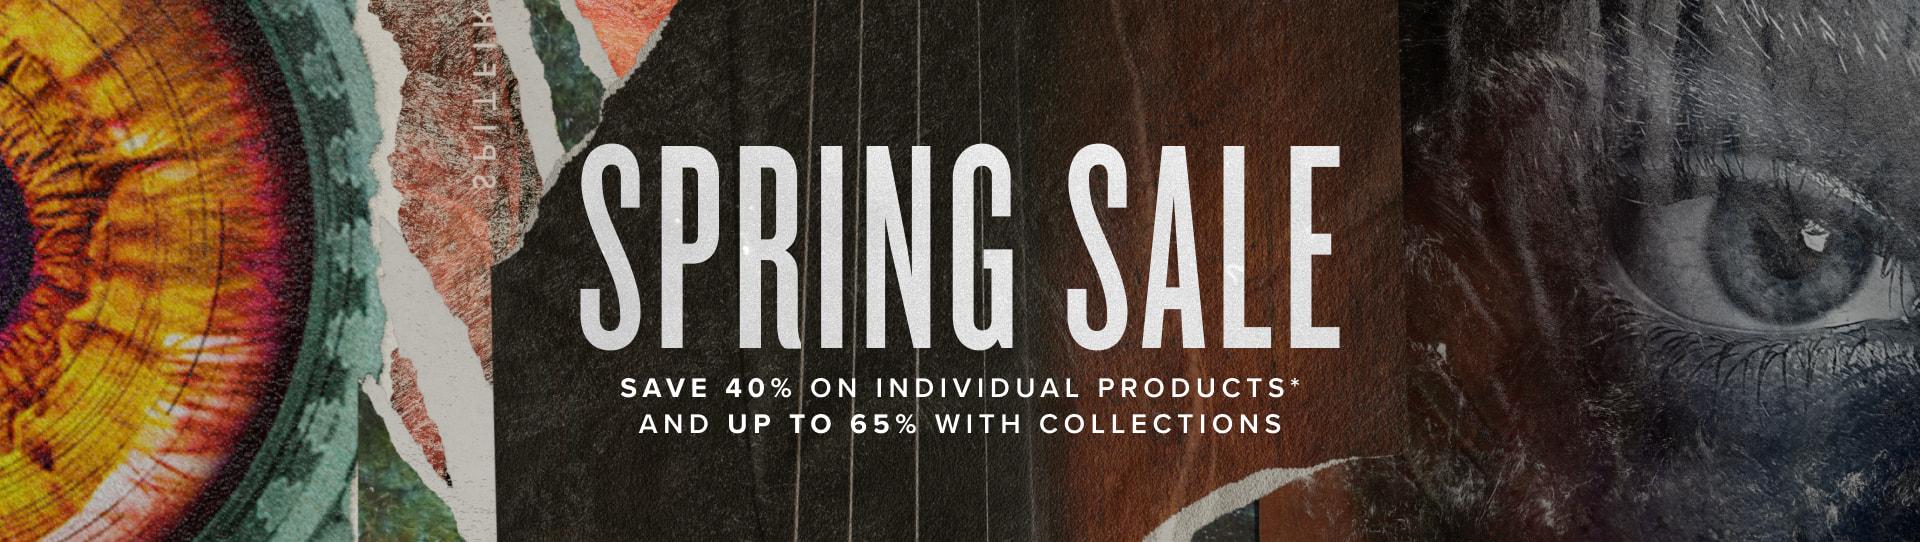 spring_sale.jpg